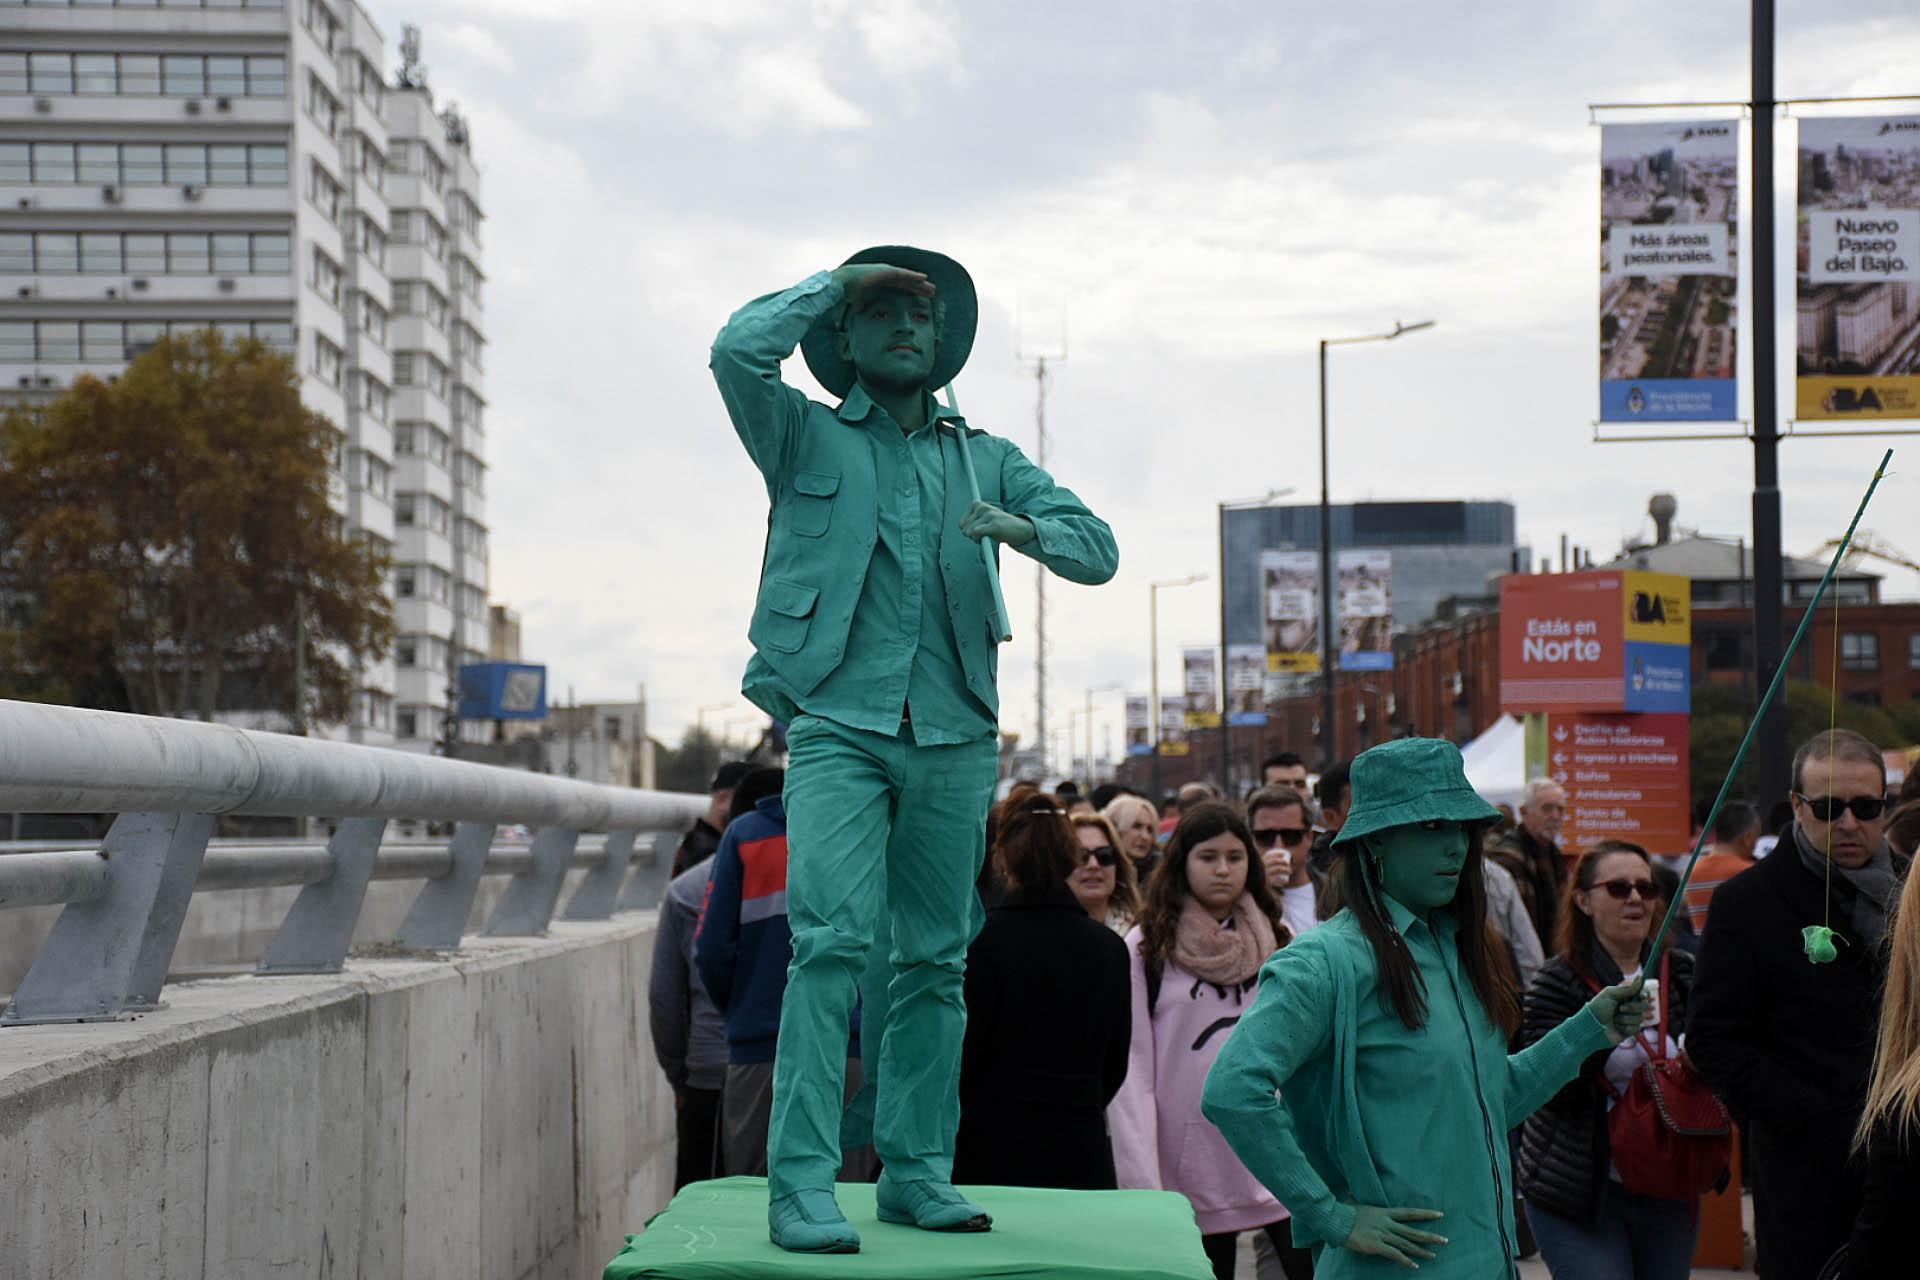 Artistas urbanos regalaron su talento en la calle